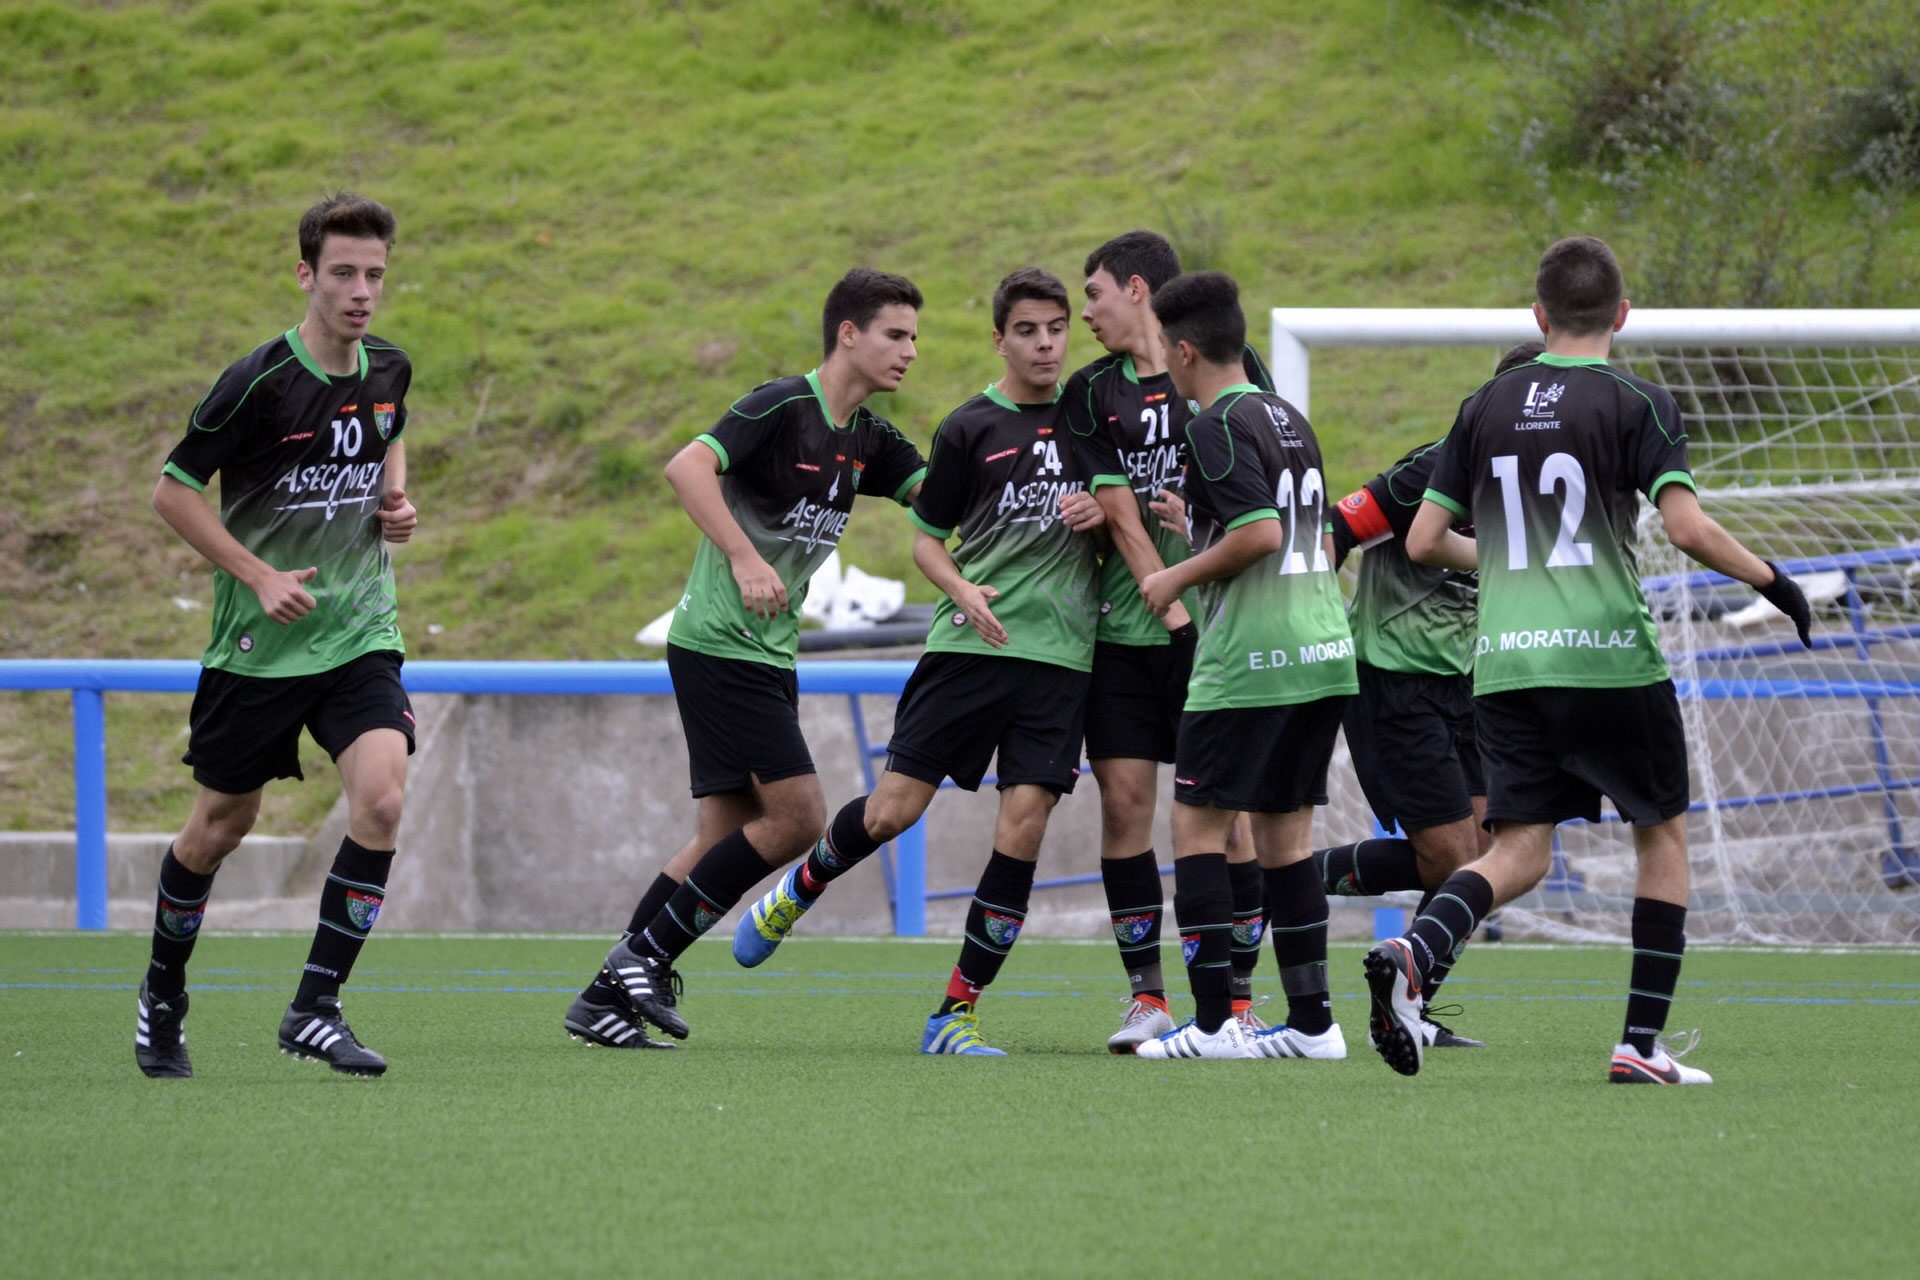 Crónica y fotos del partido Juvenil D 2 – 3 CD Vicálvaro C